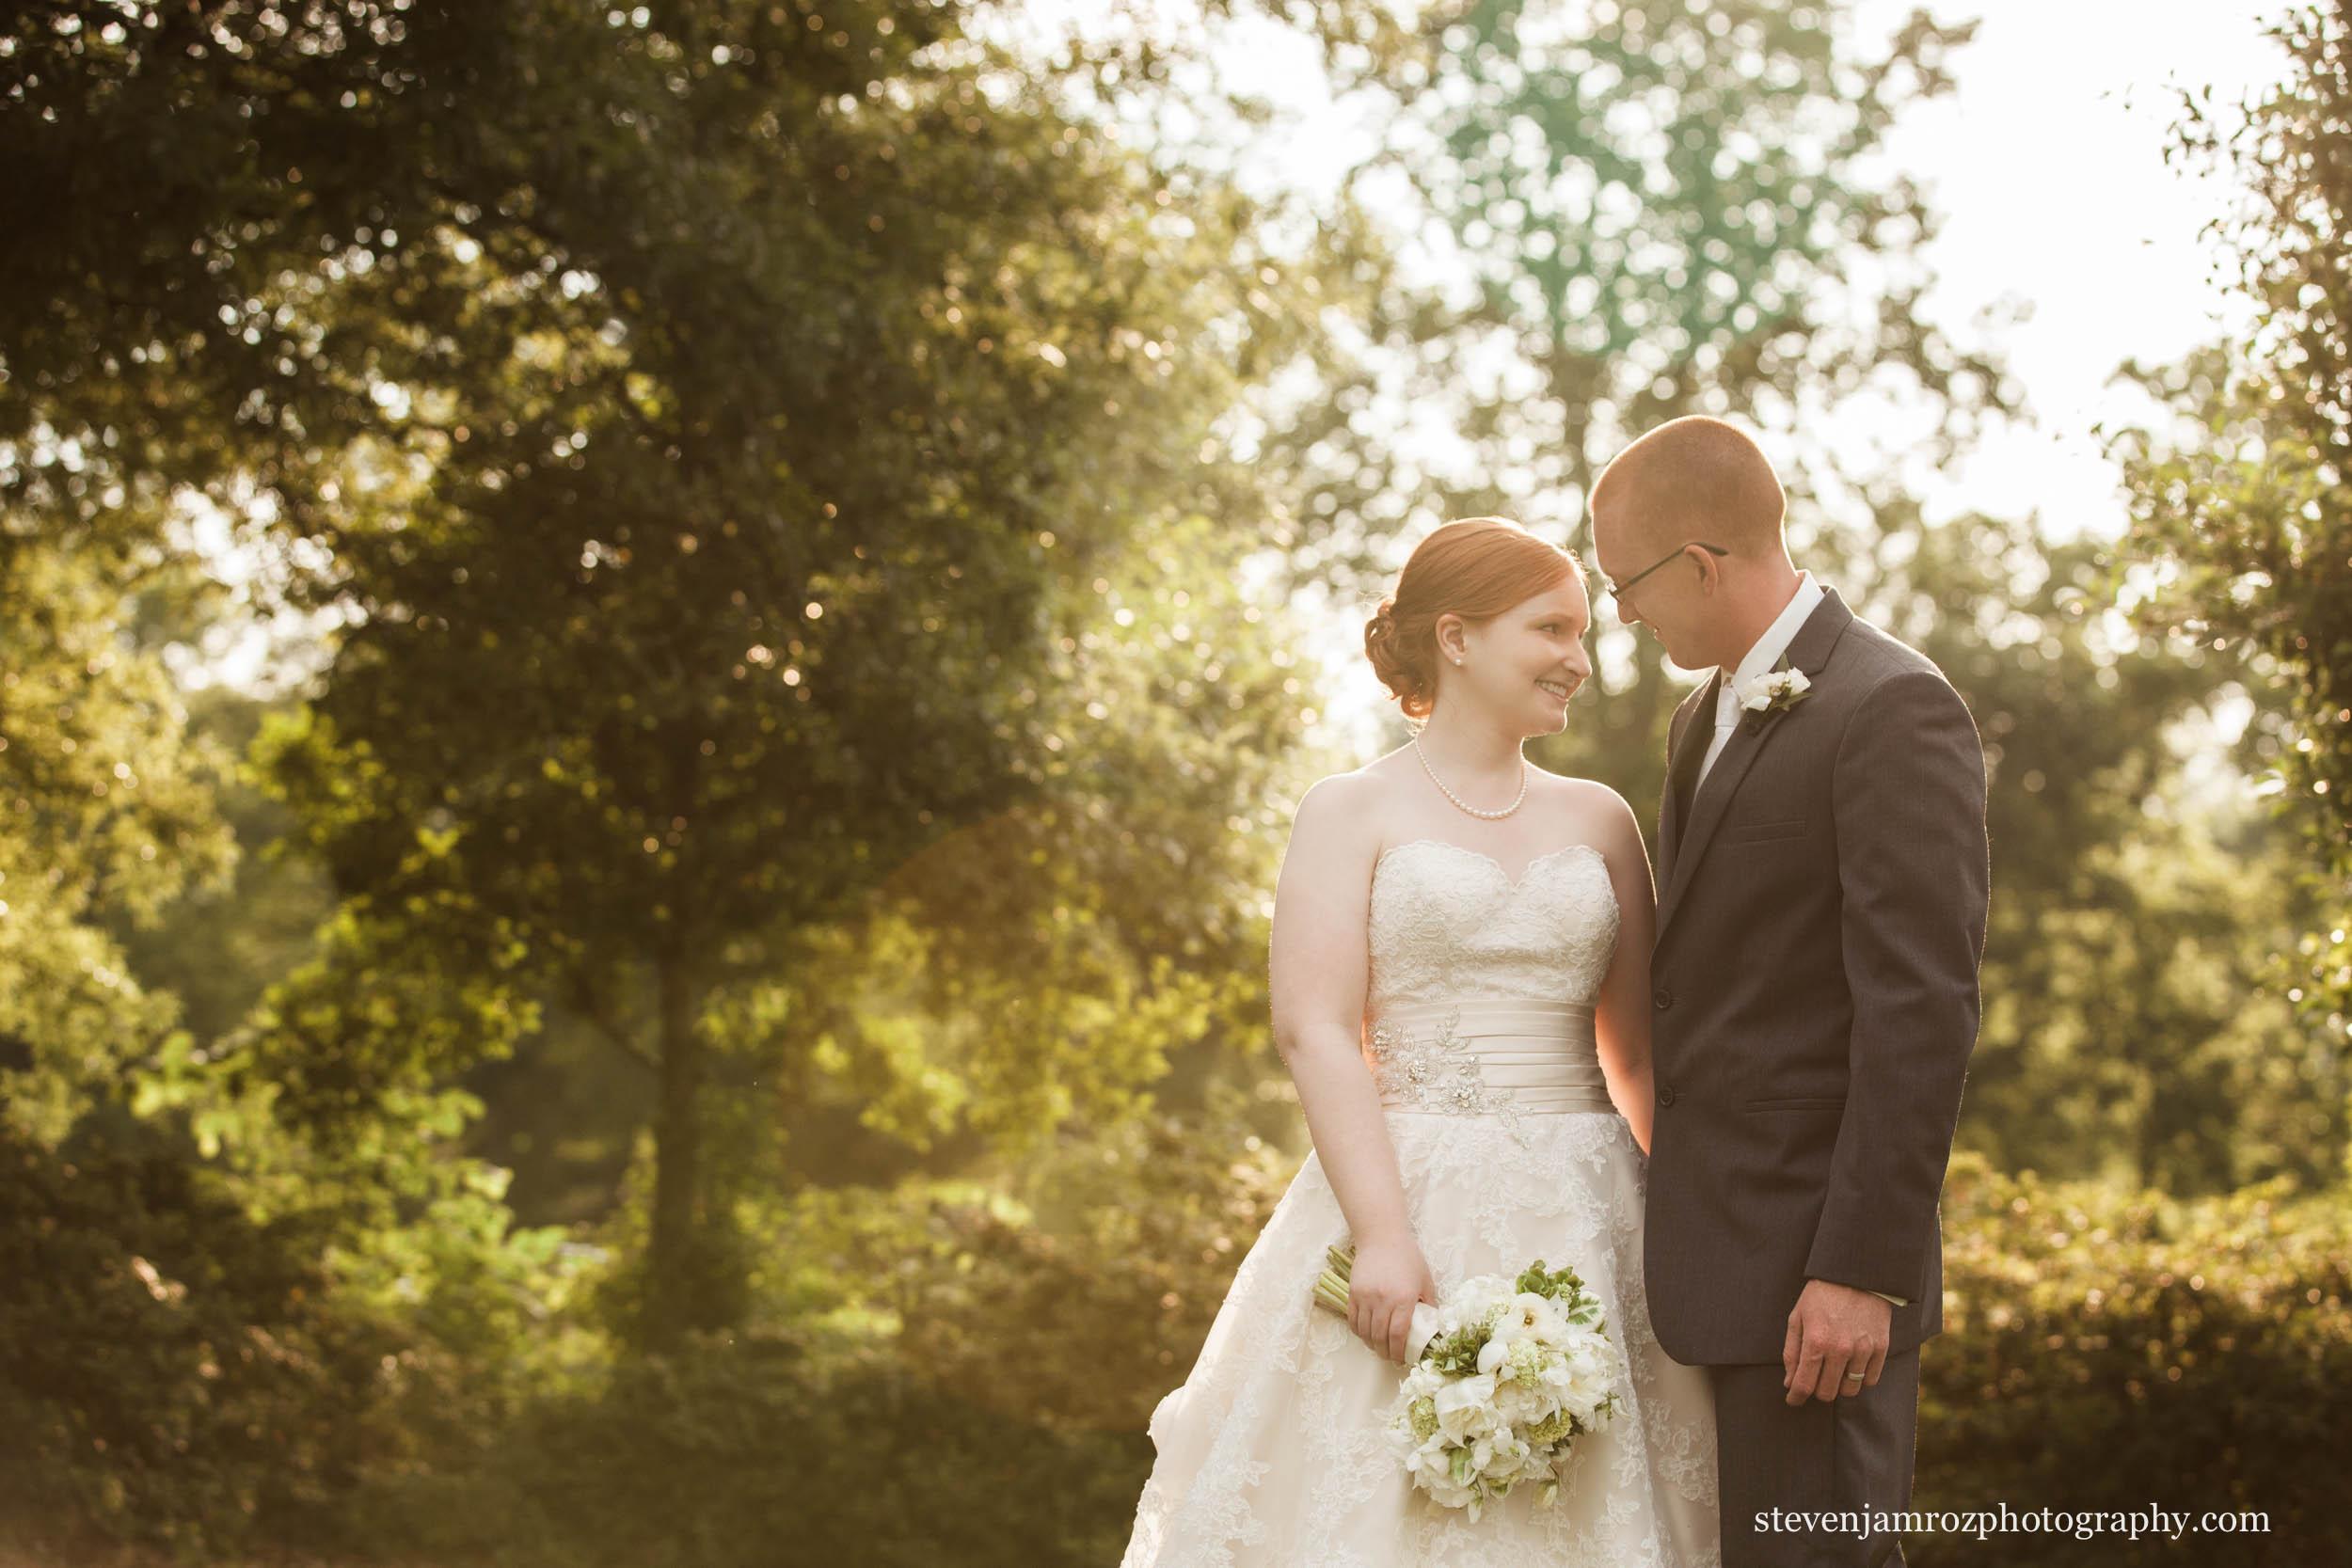 nc-birkdale-golf-club-wedding-venues-reviews-pricing-0899.jpg